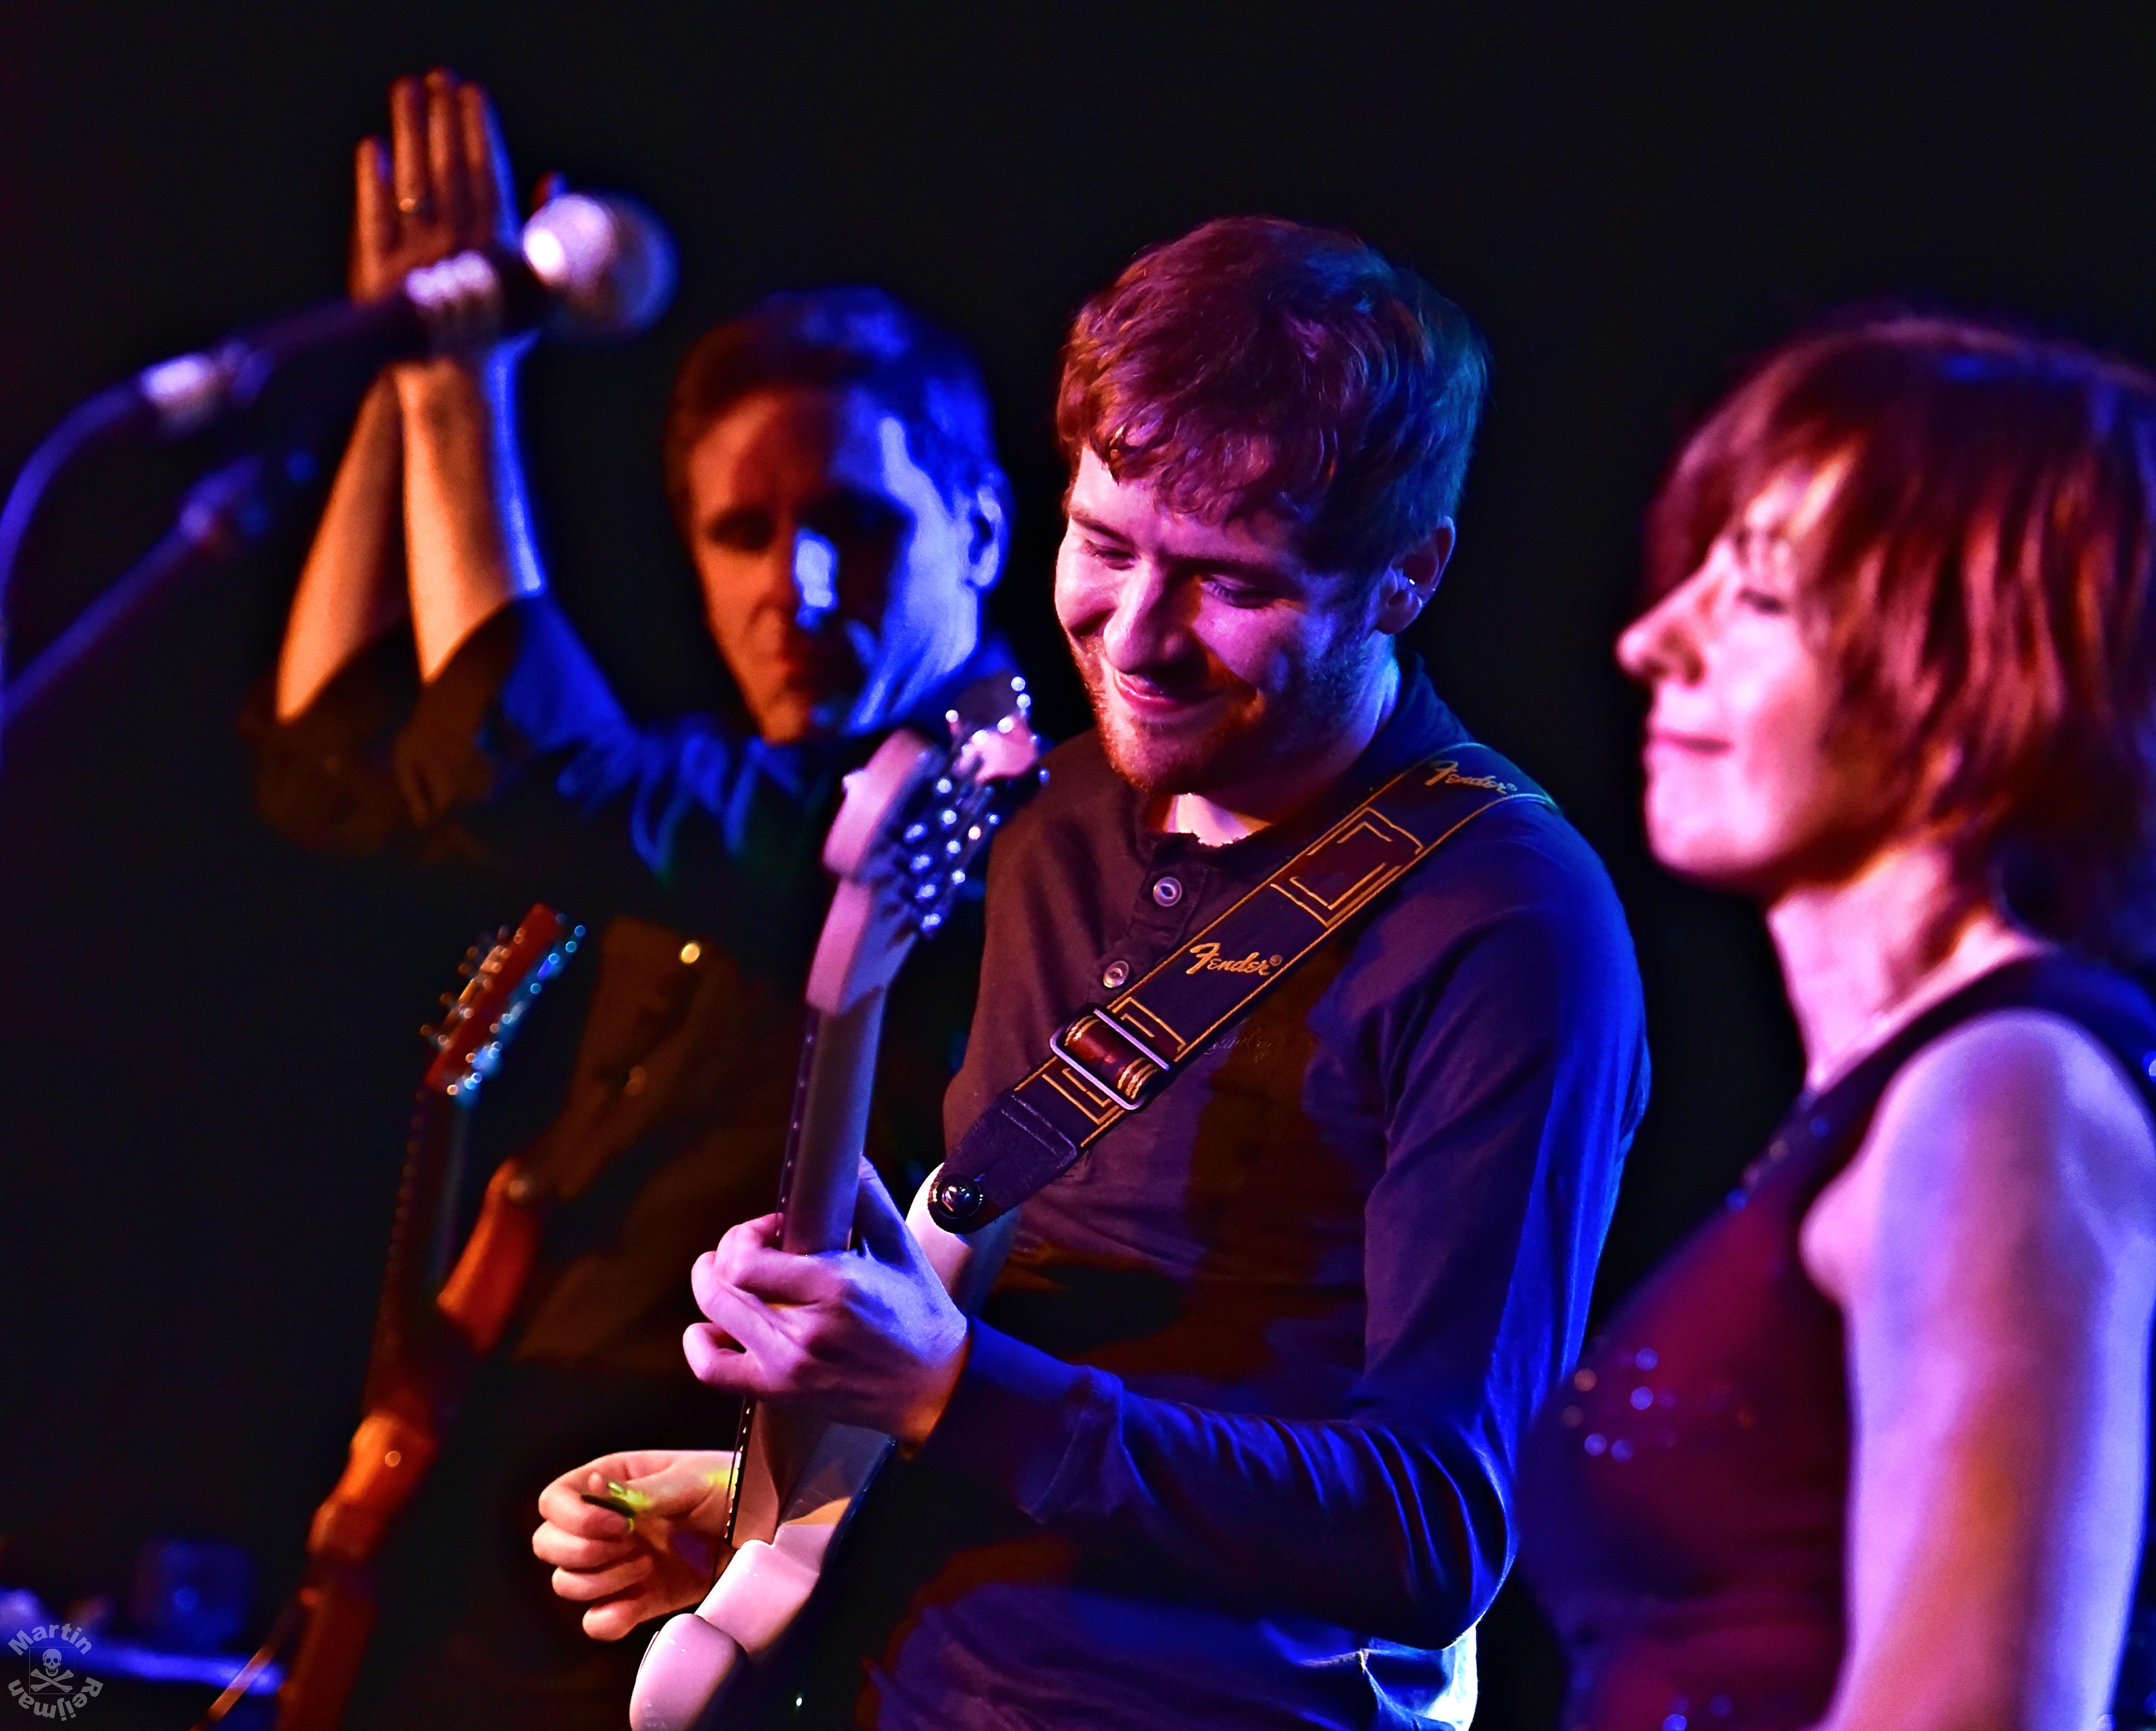 Chris, Dan and Tina